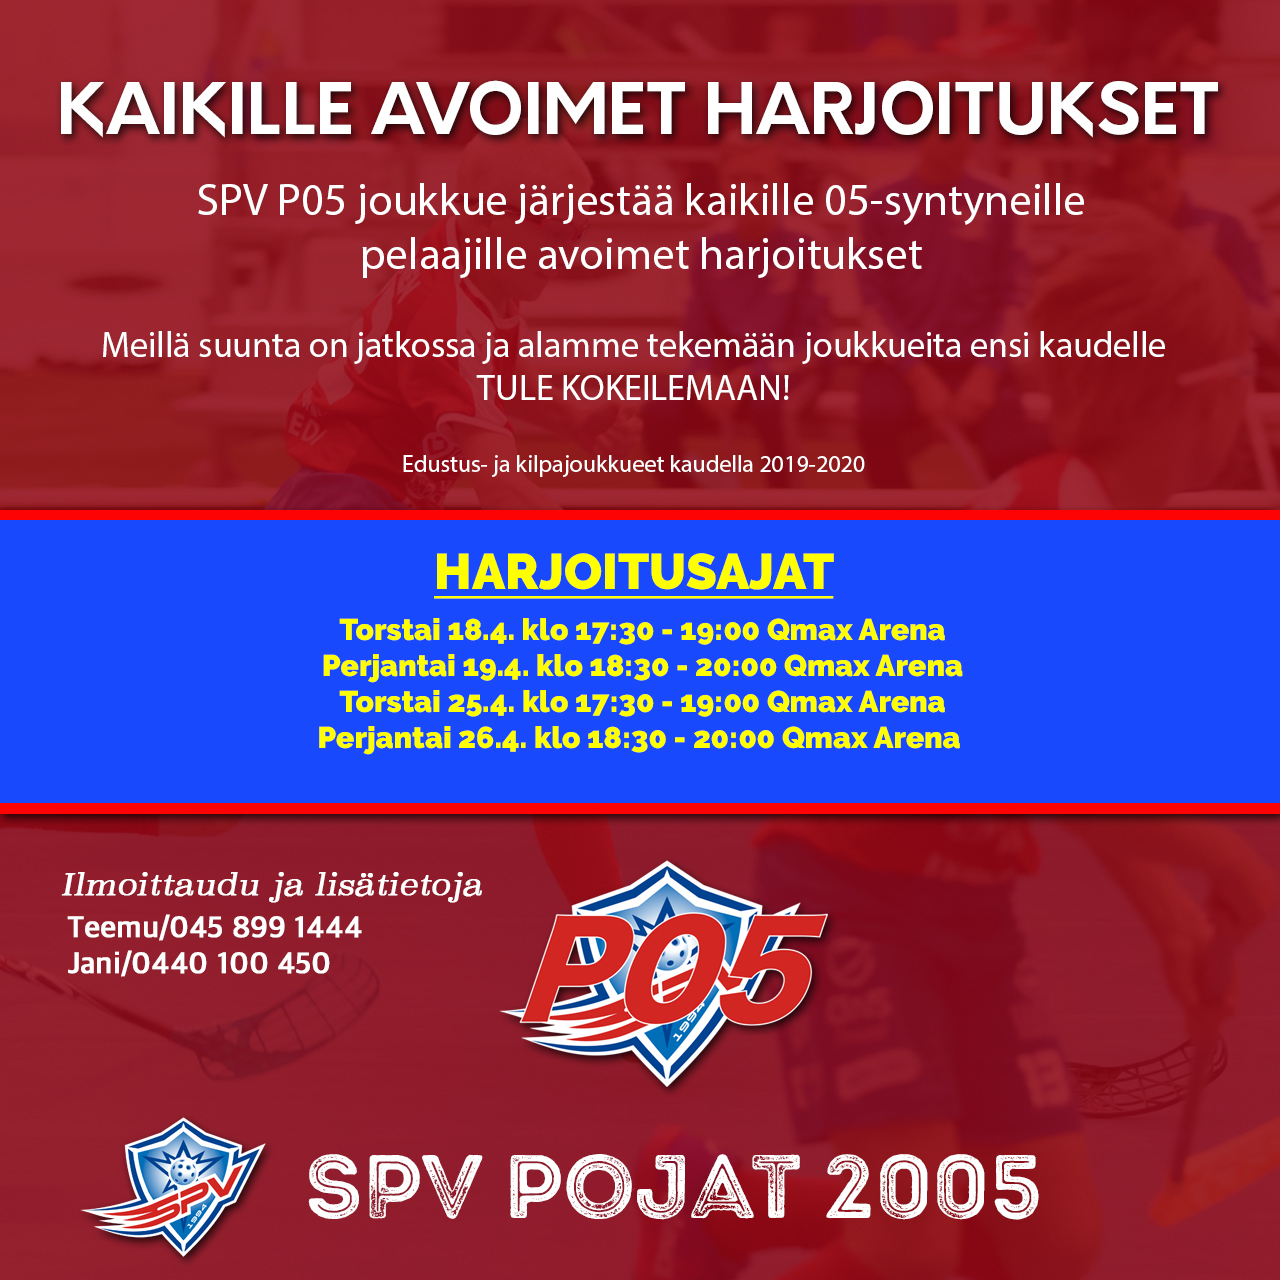 SPV P05 avoimet harjoitukset 2019